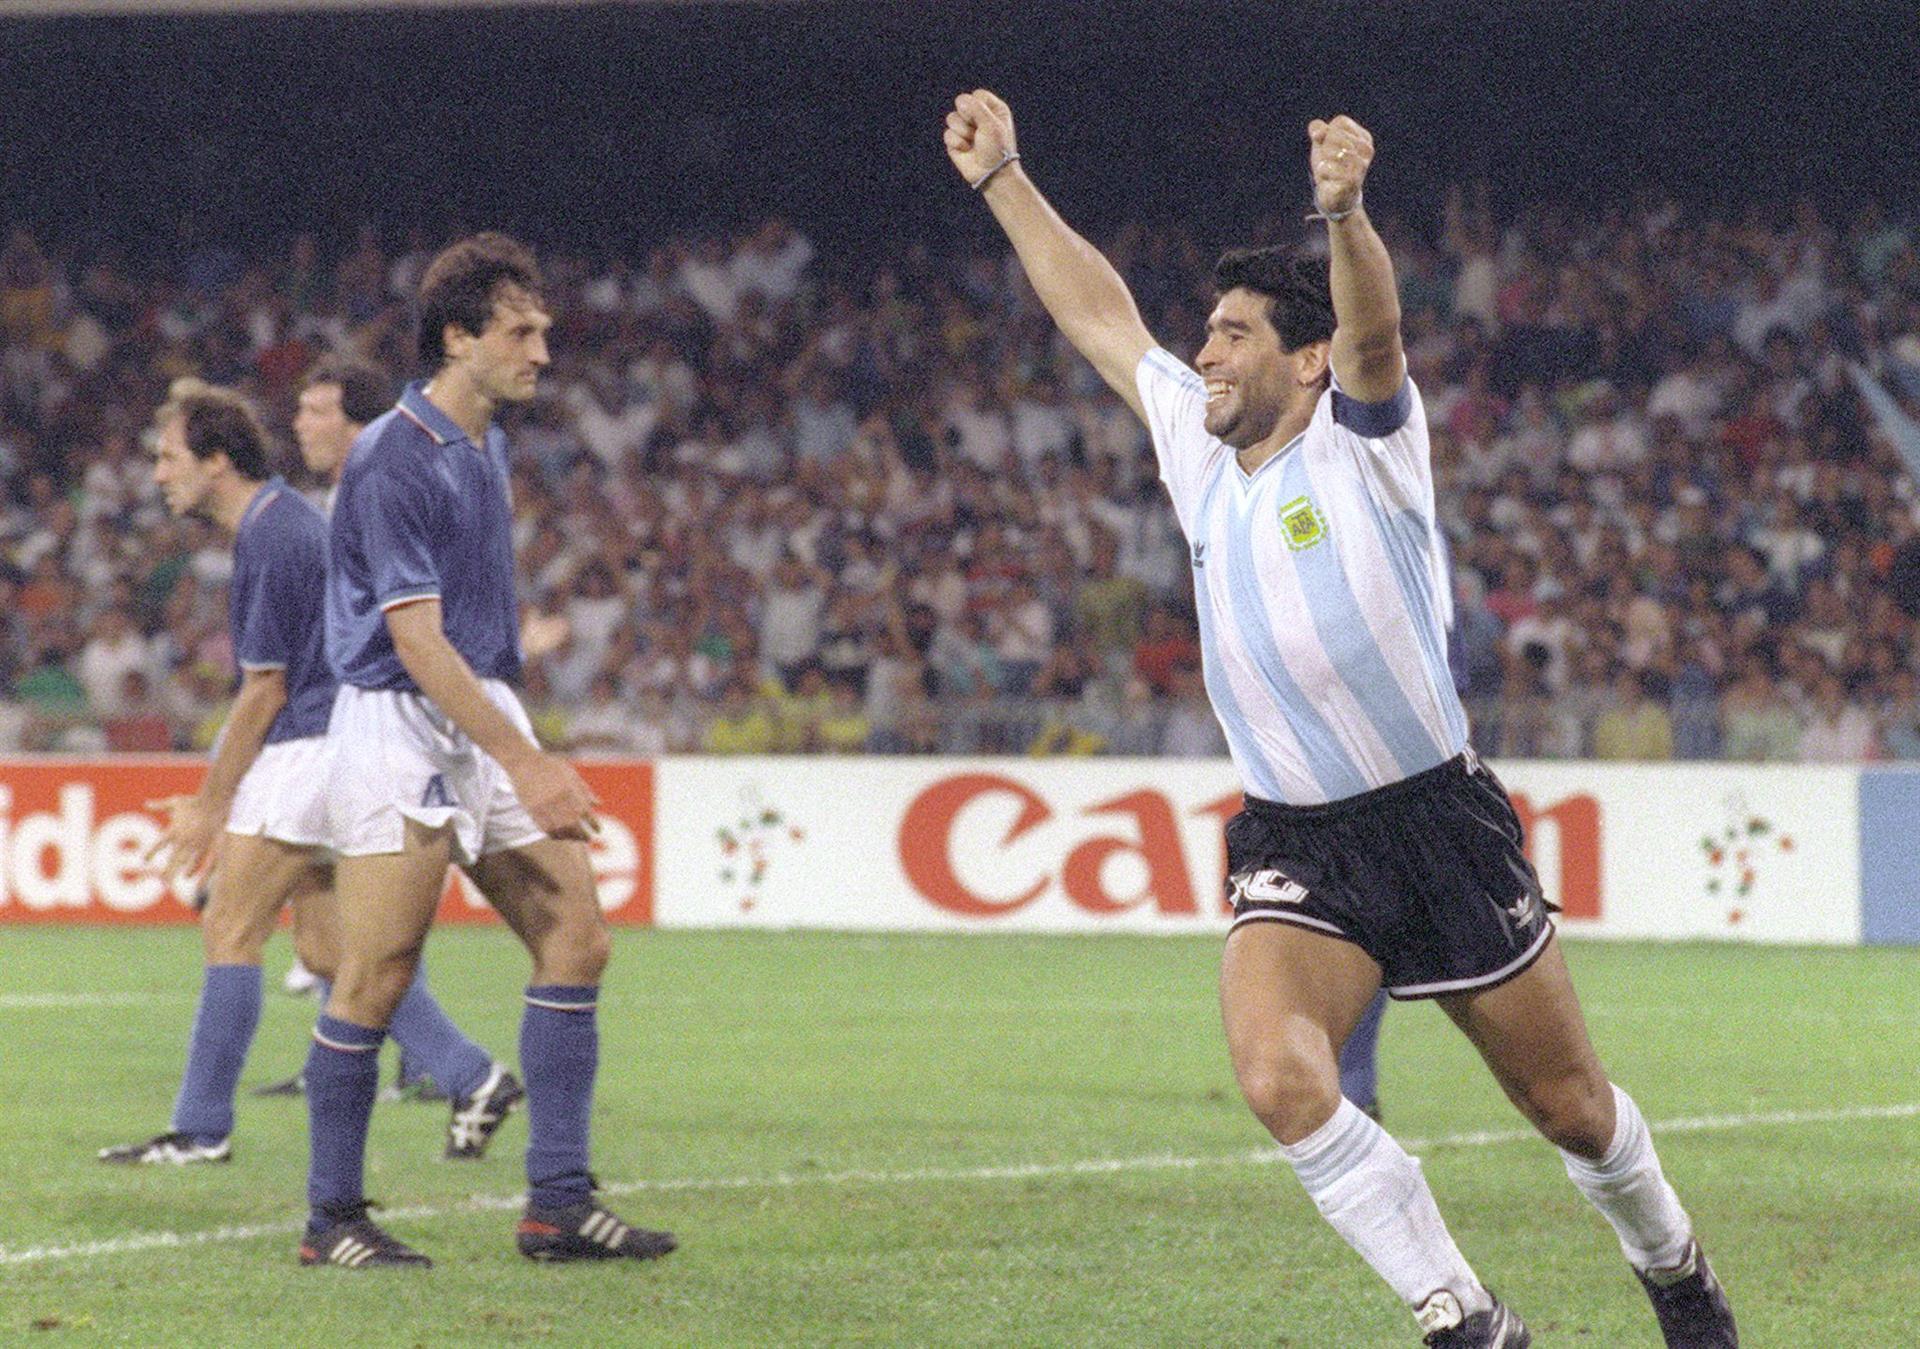 Morreu Maradona, lenda maior do futebol